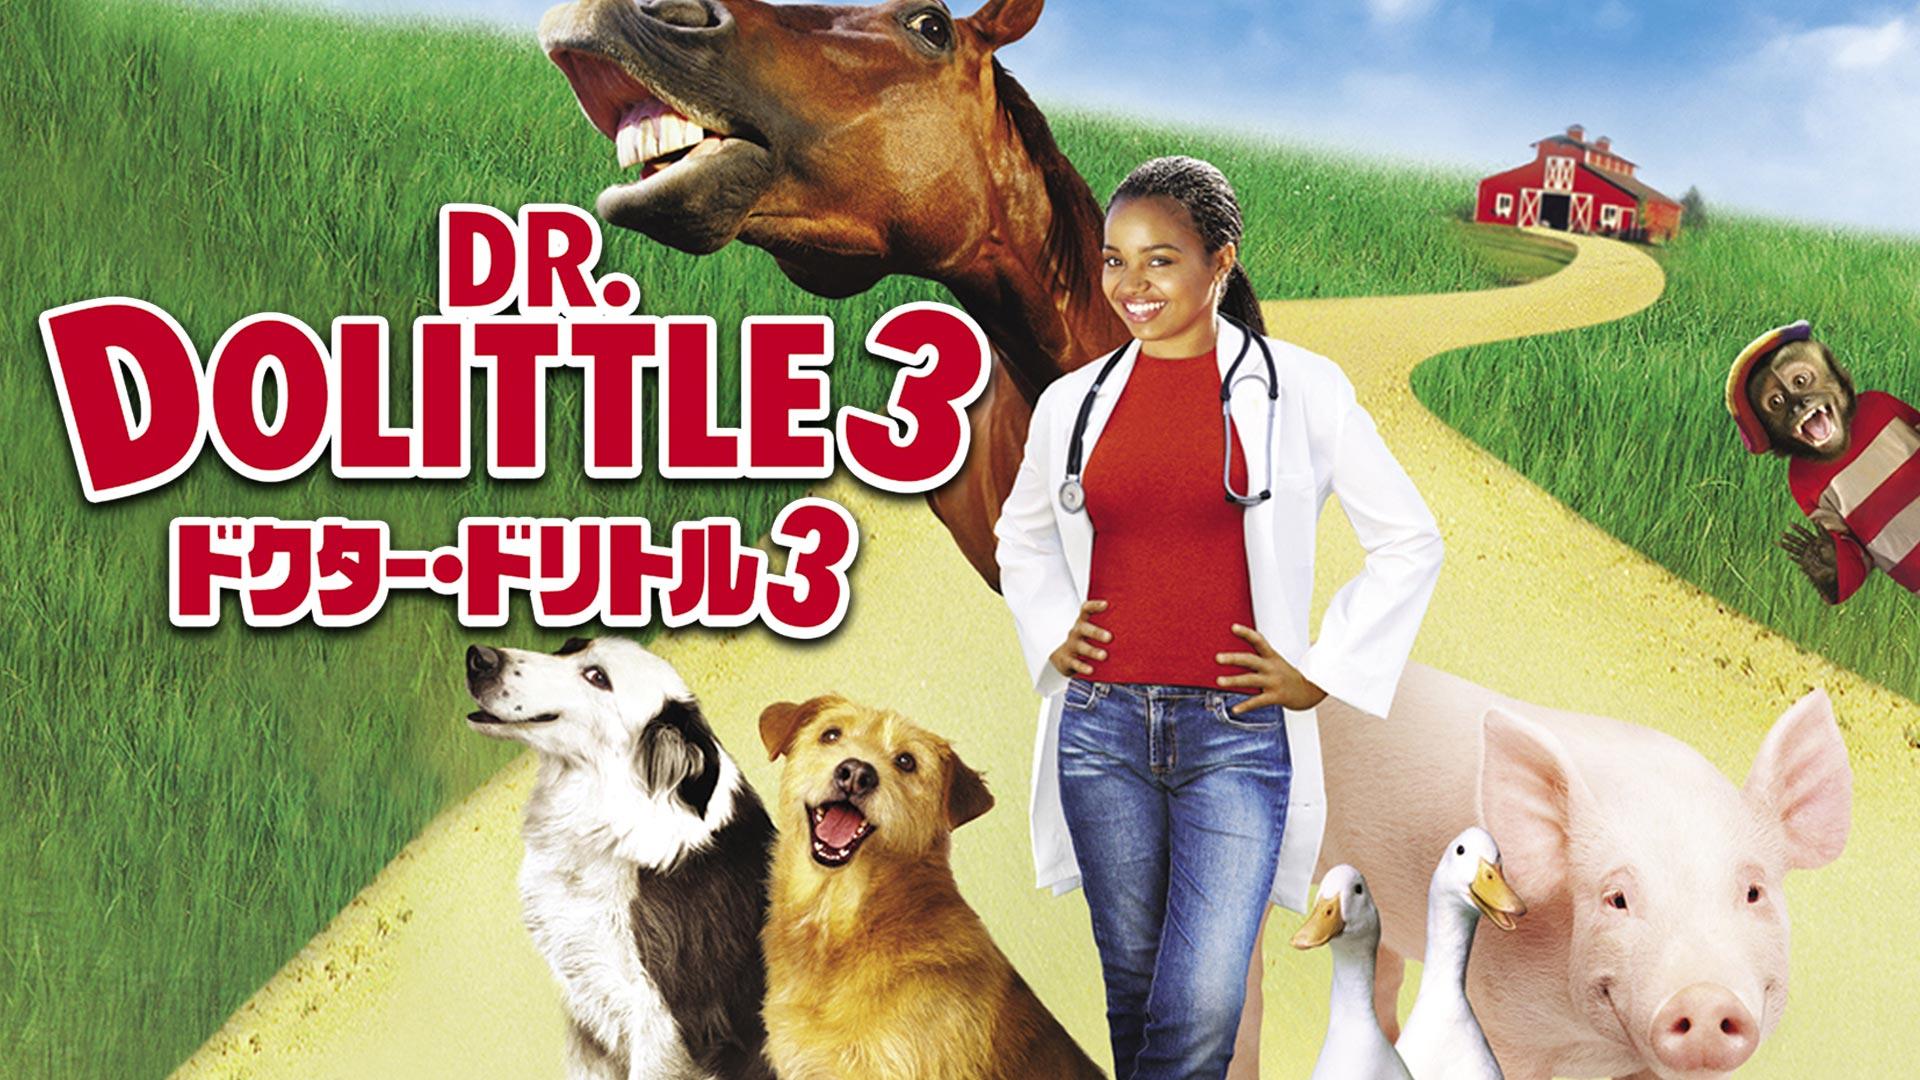 ドクター・ドリトル3 (吹替版)